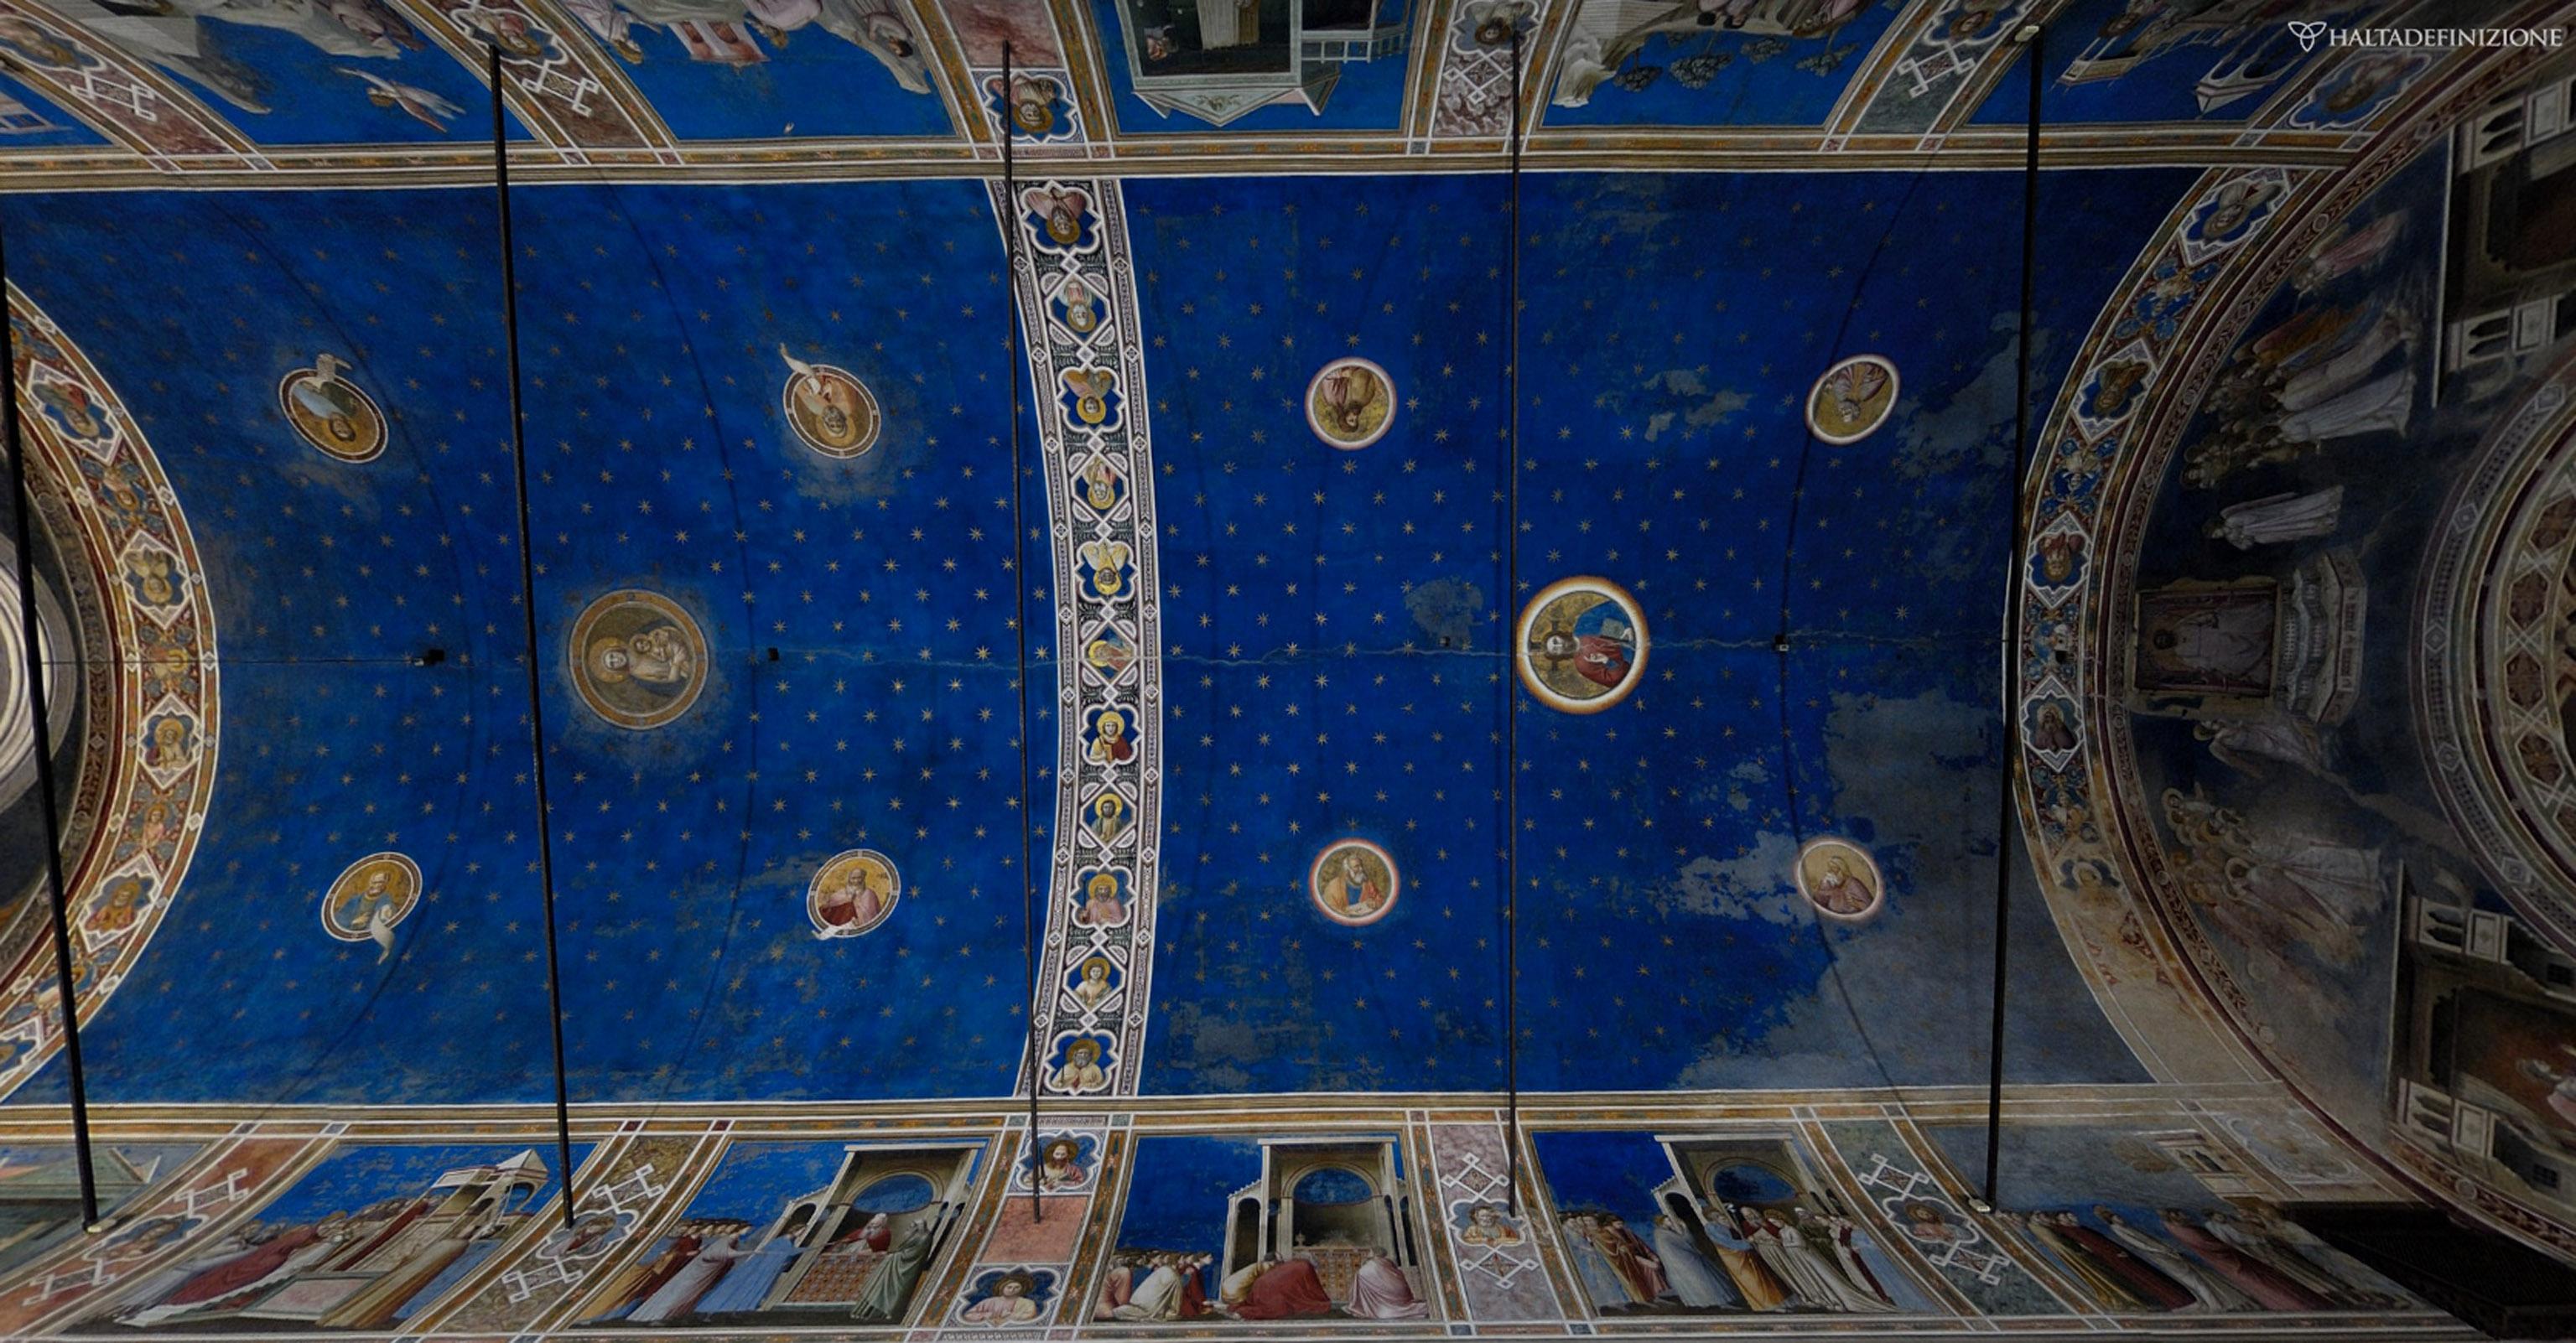 Affreschi Giotto Padova,condizioni buone